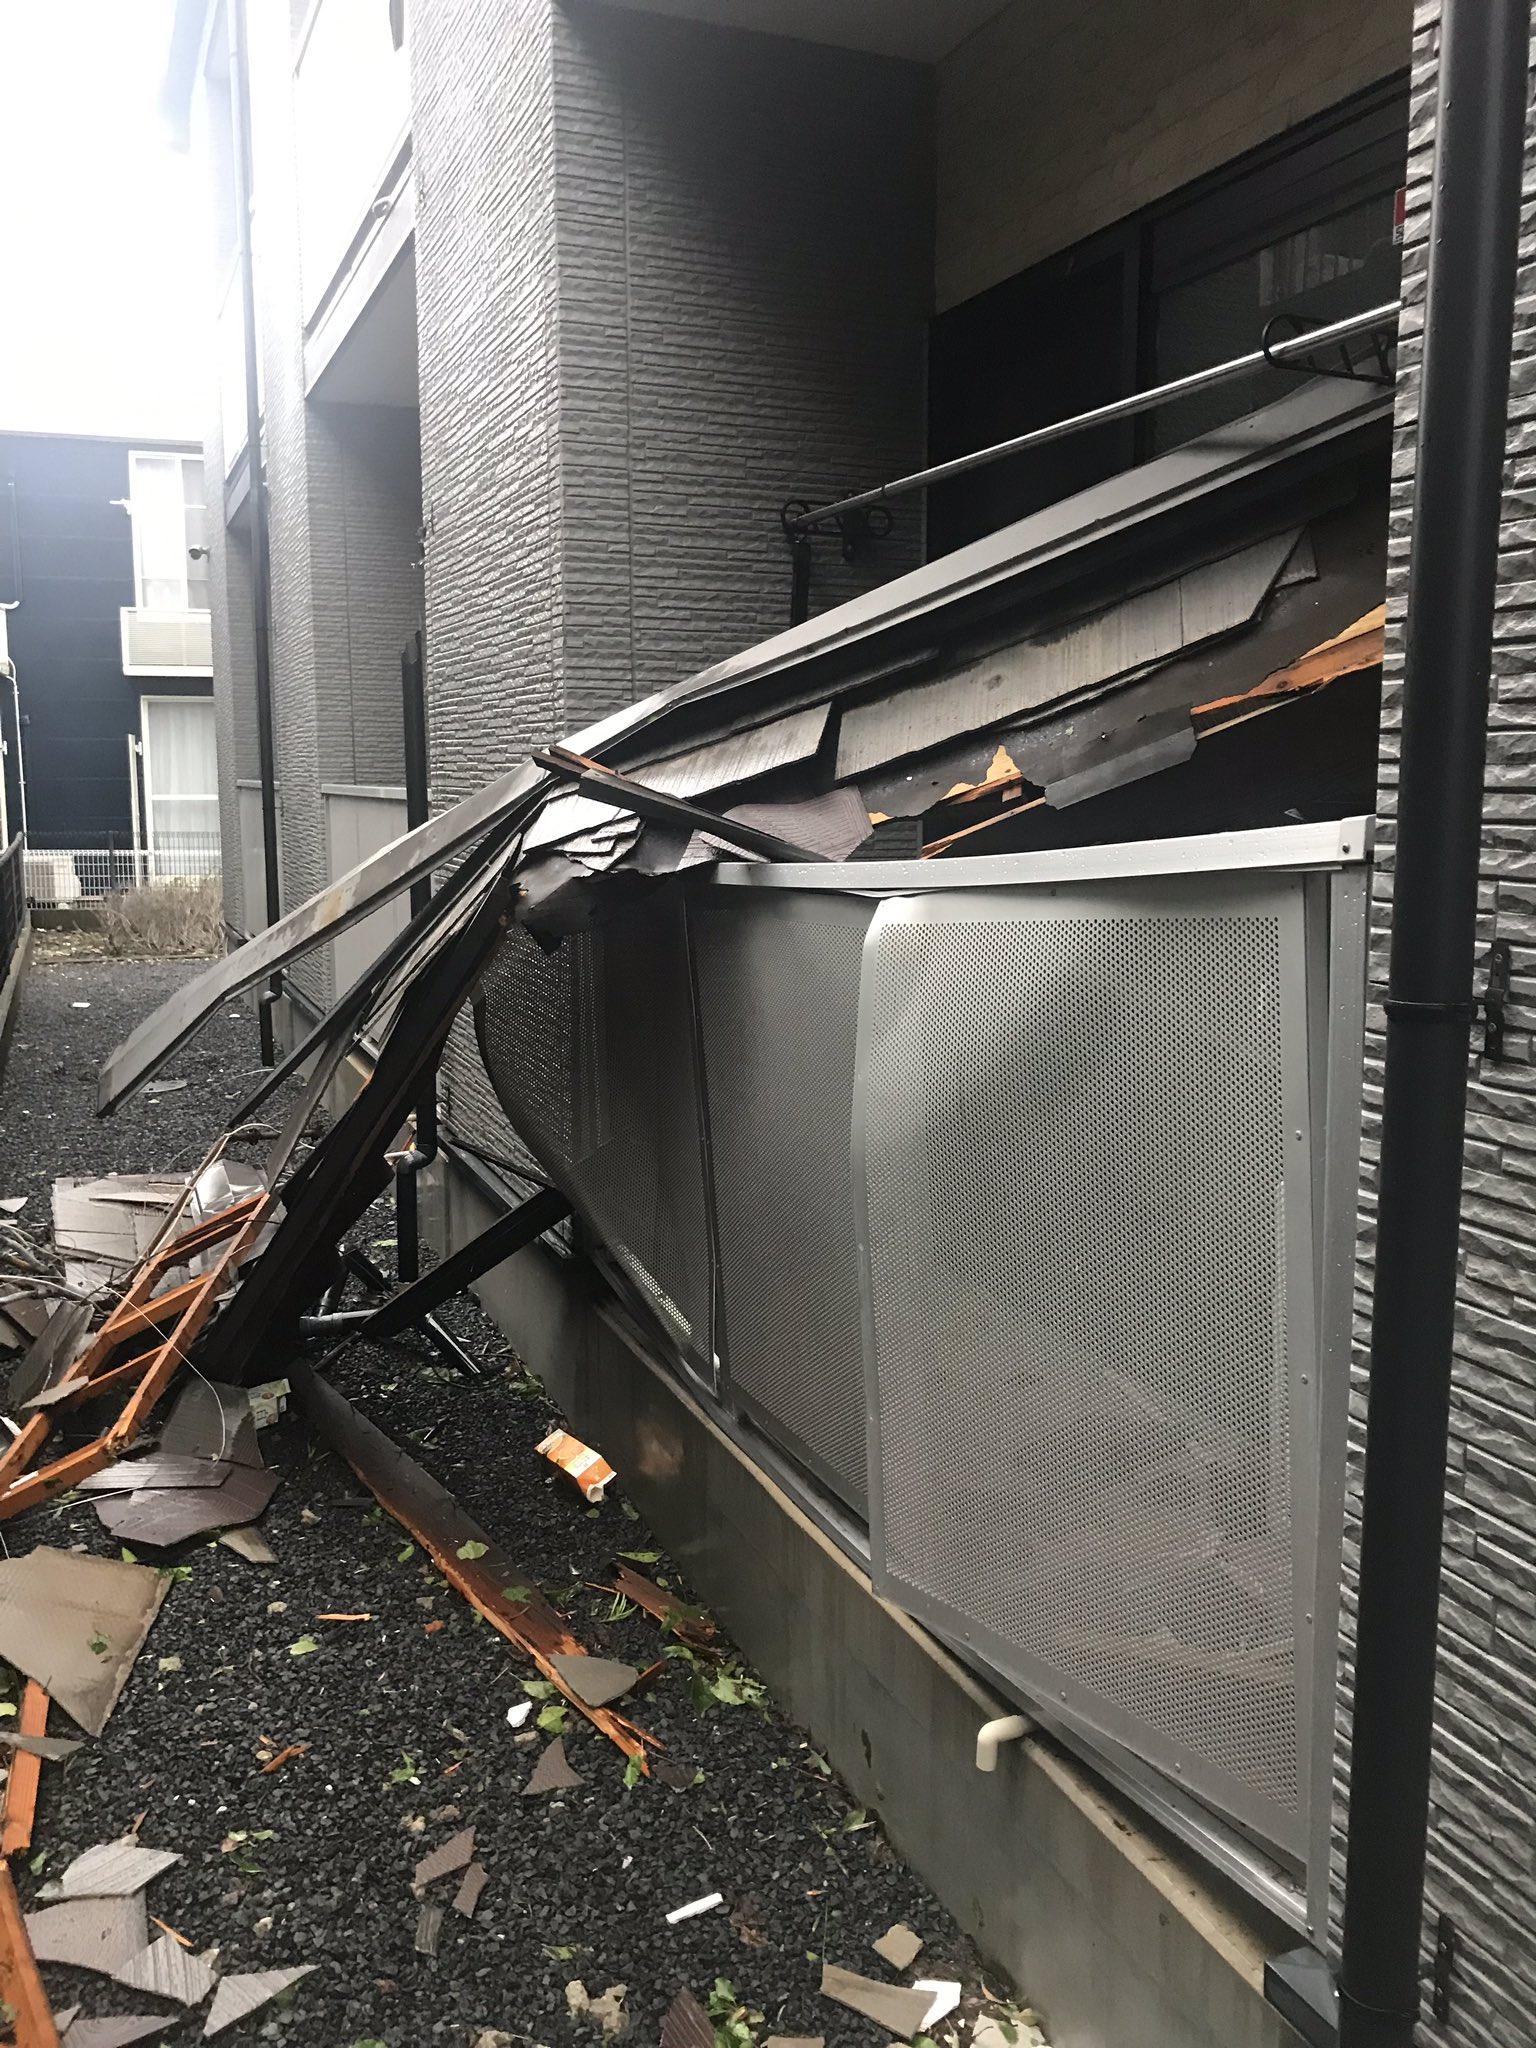 画像,千葉に来て初の台風風が強くて寝れなかった。とりま台風が収まるまで待機です。どっかの家の屋根飛んできてた😅😅 https://t.co/MsqEjIJFpm…